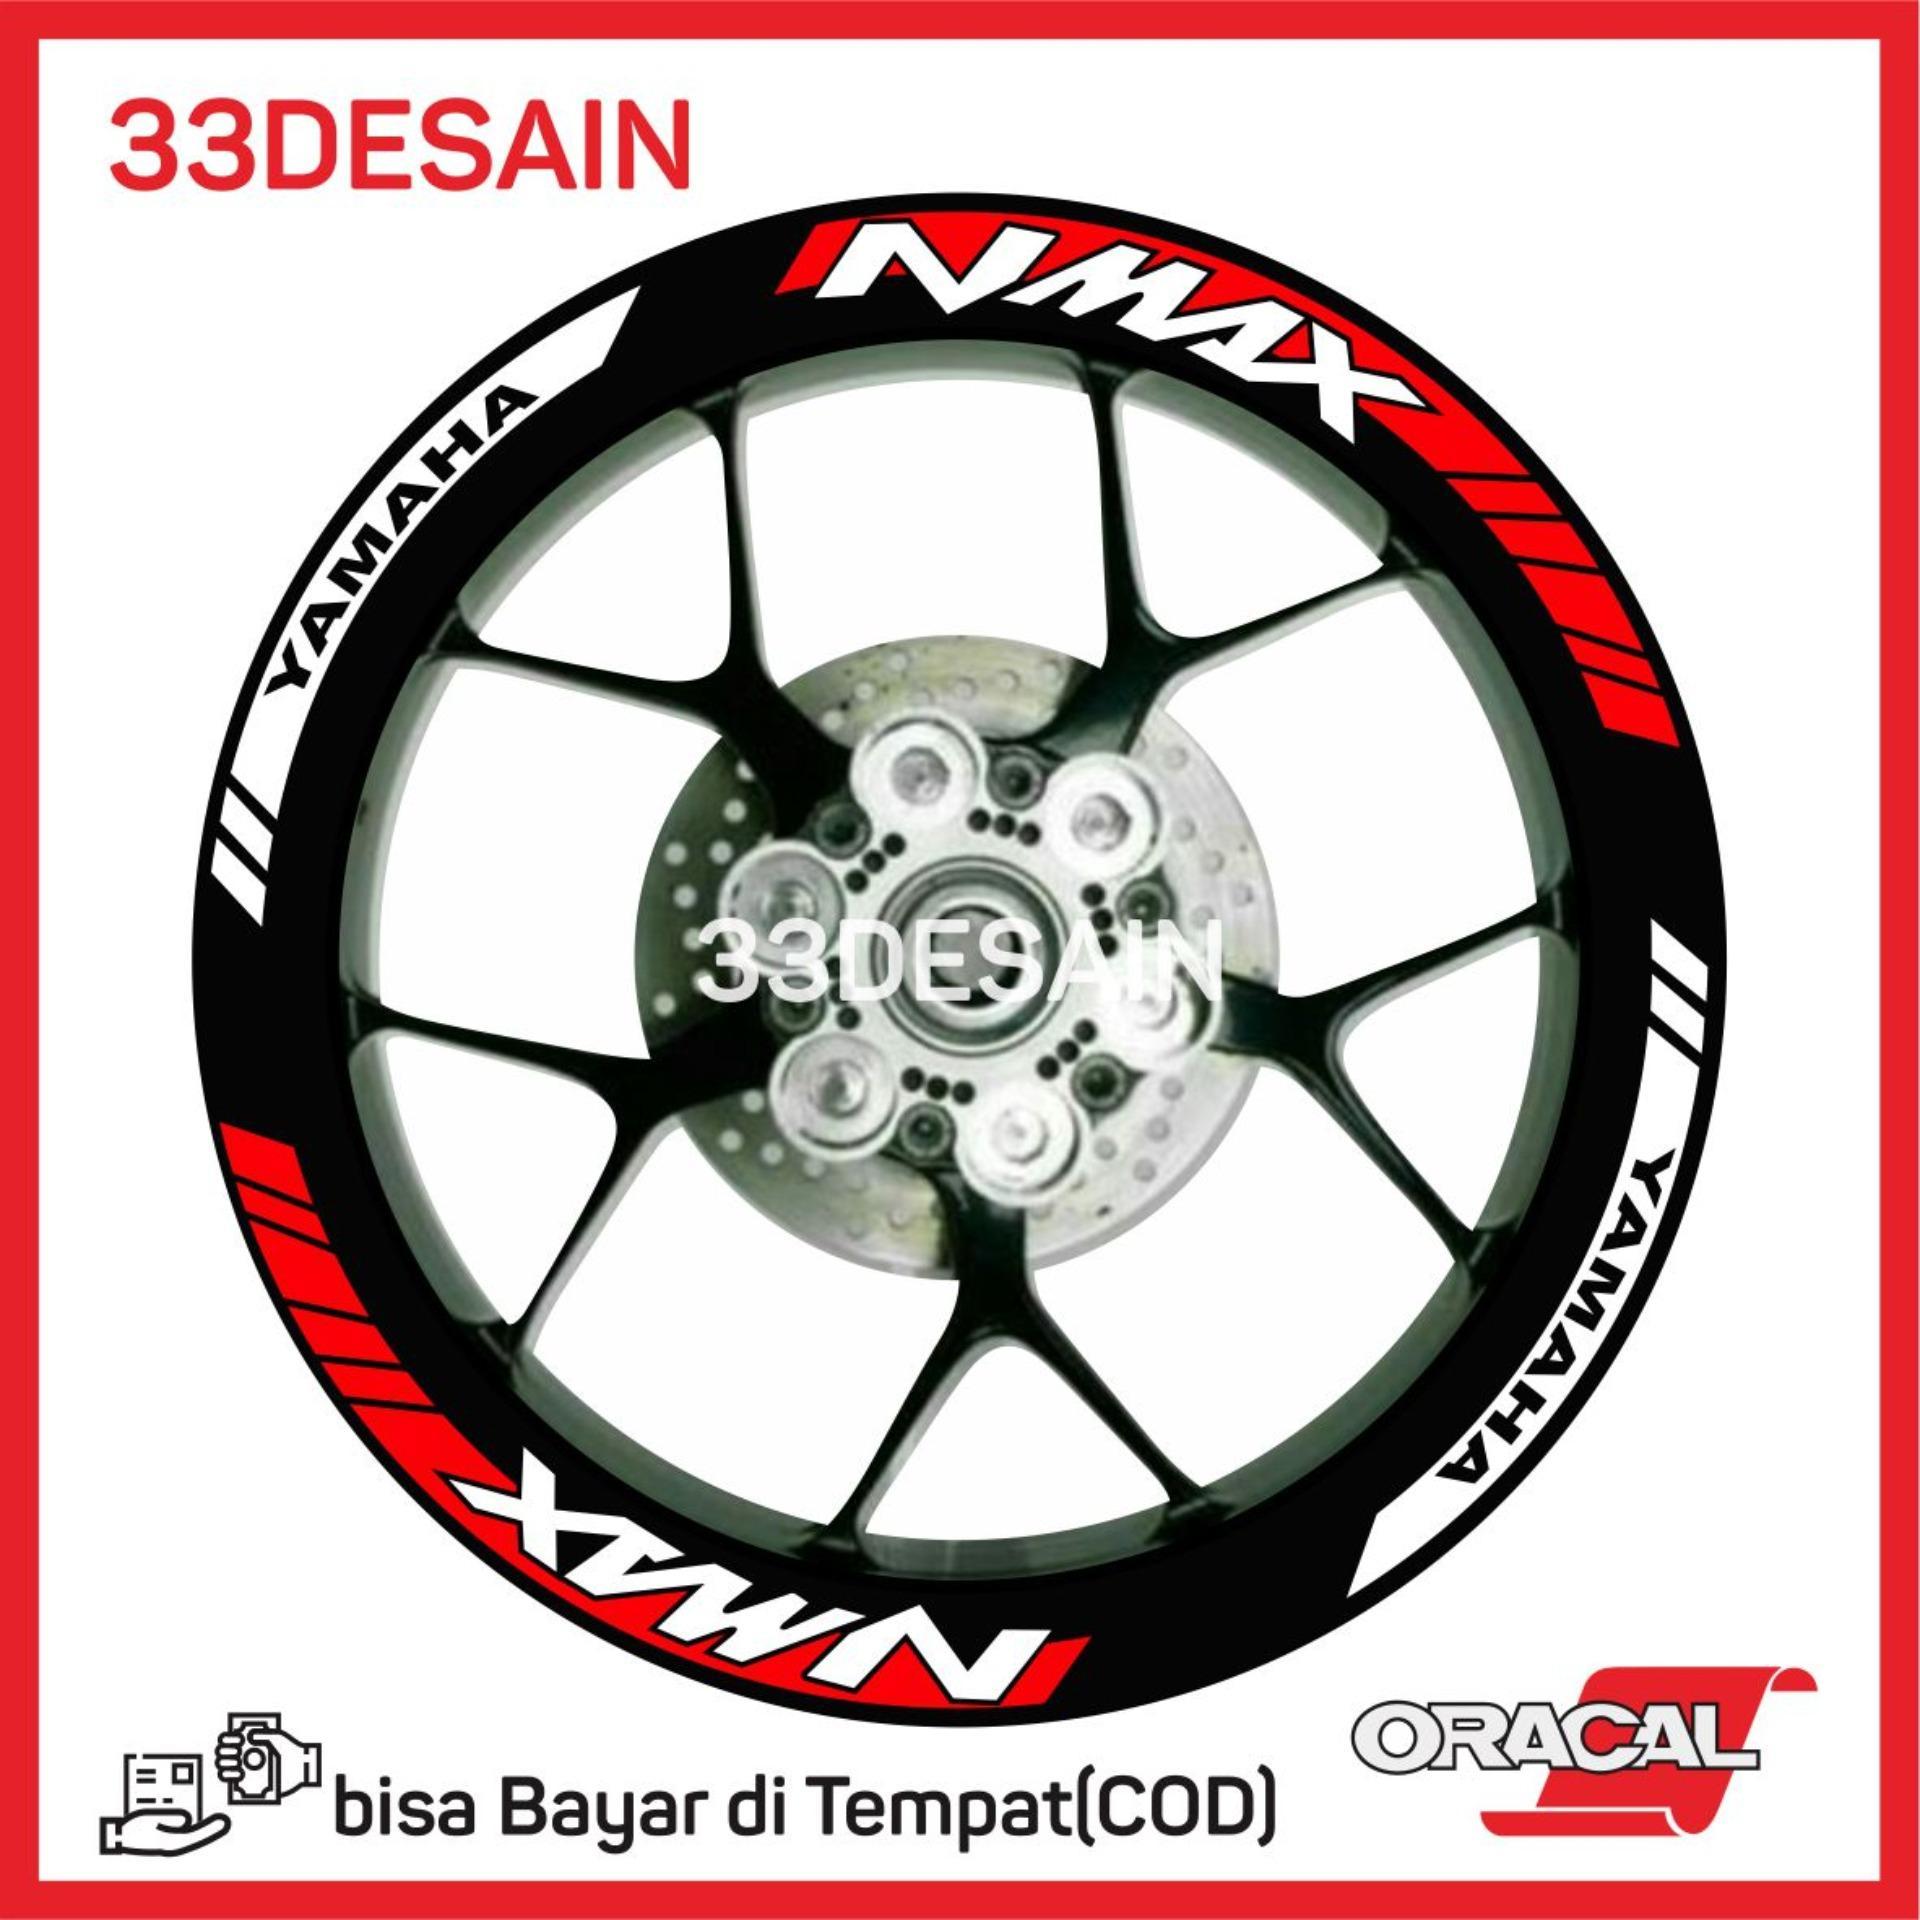 33Sticker - Aksesoris Motor Stiker Cutting 8 Velg Nmax - Merah - 33Desain